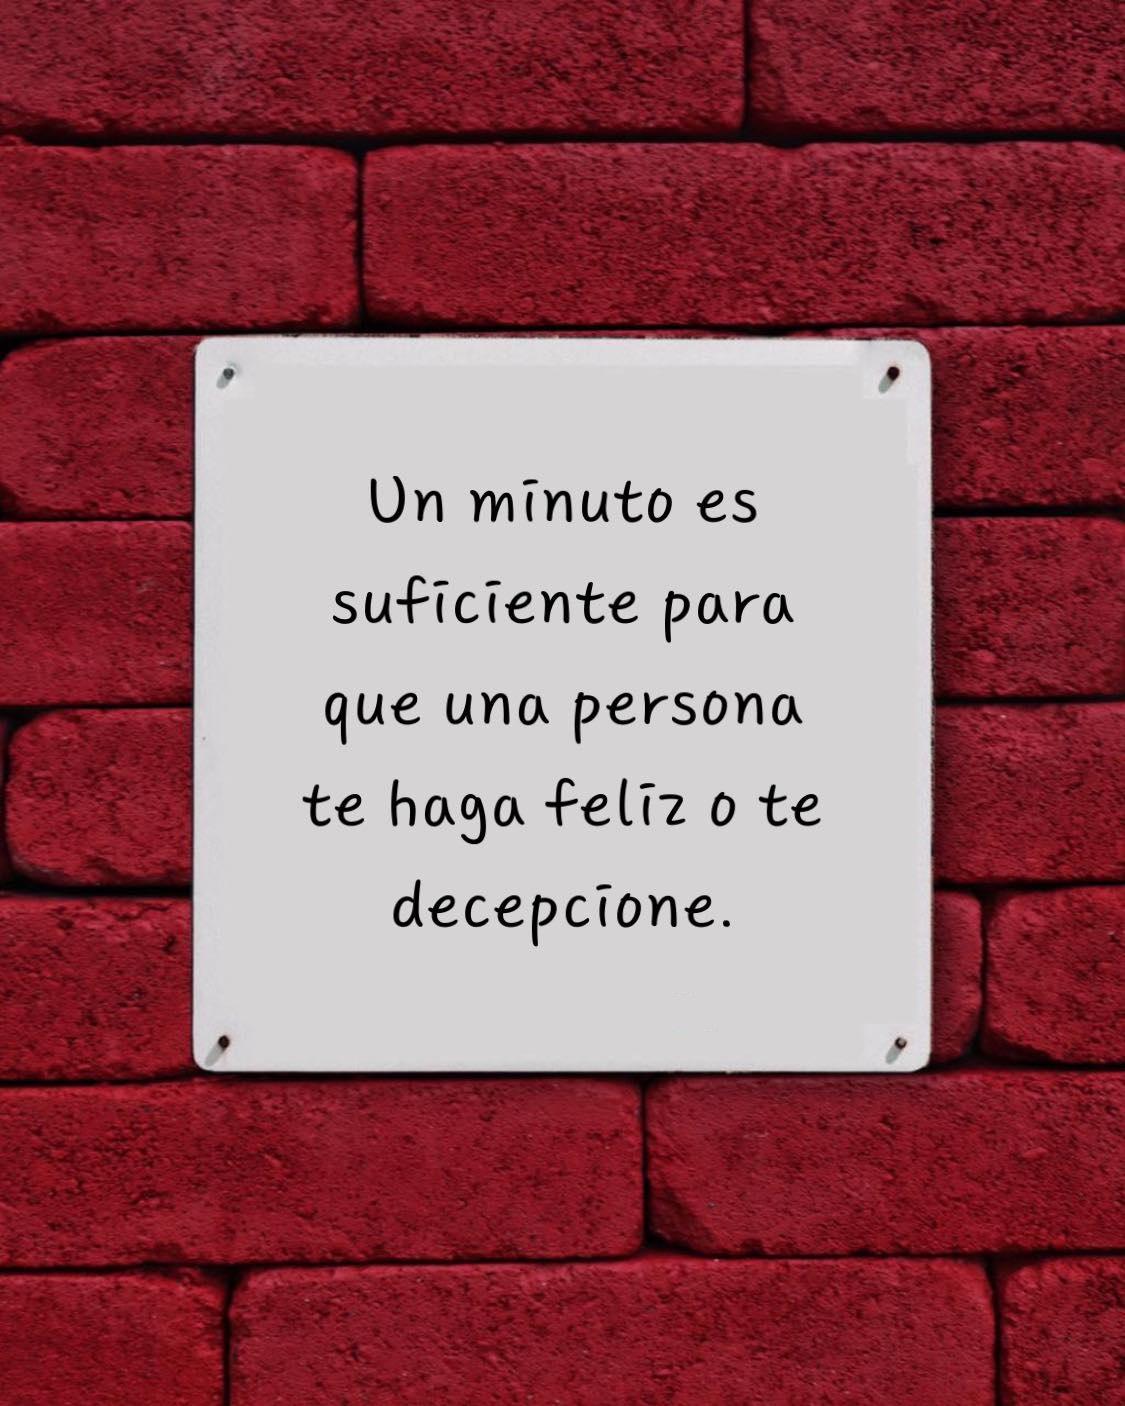 Un minuto es suficiente para que una persona te haga feliz o te decepcione